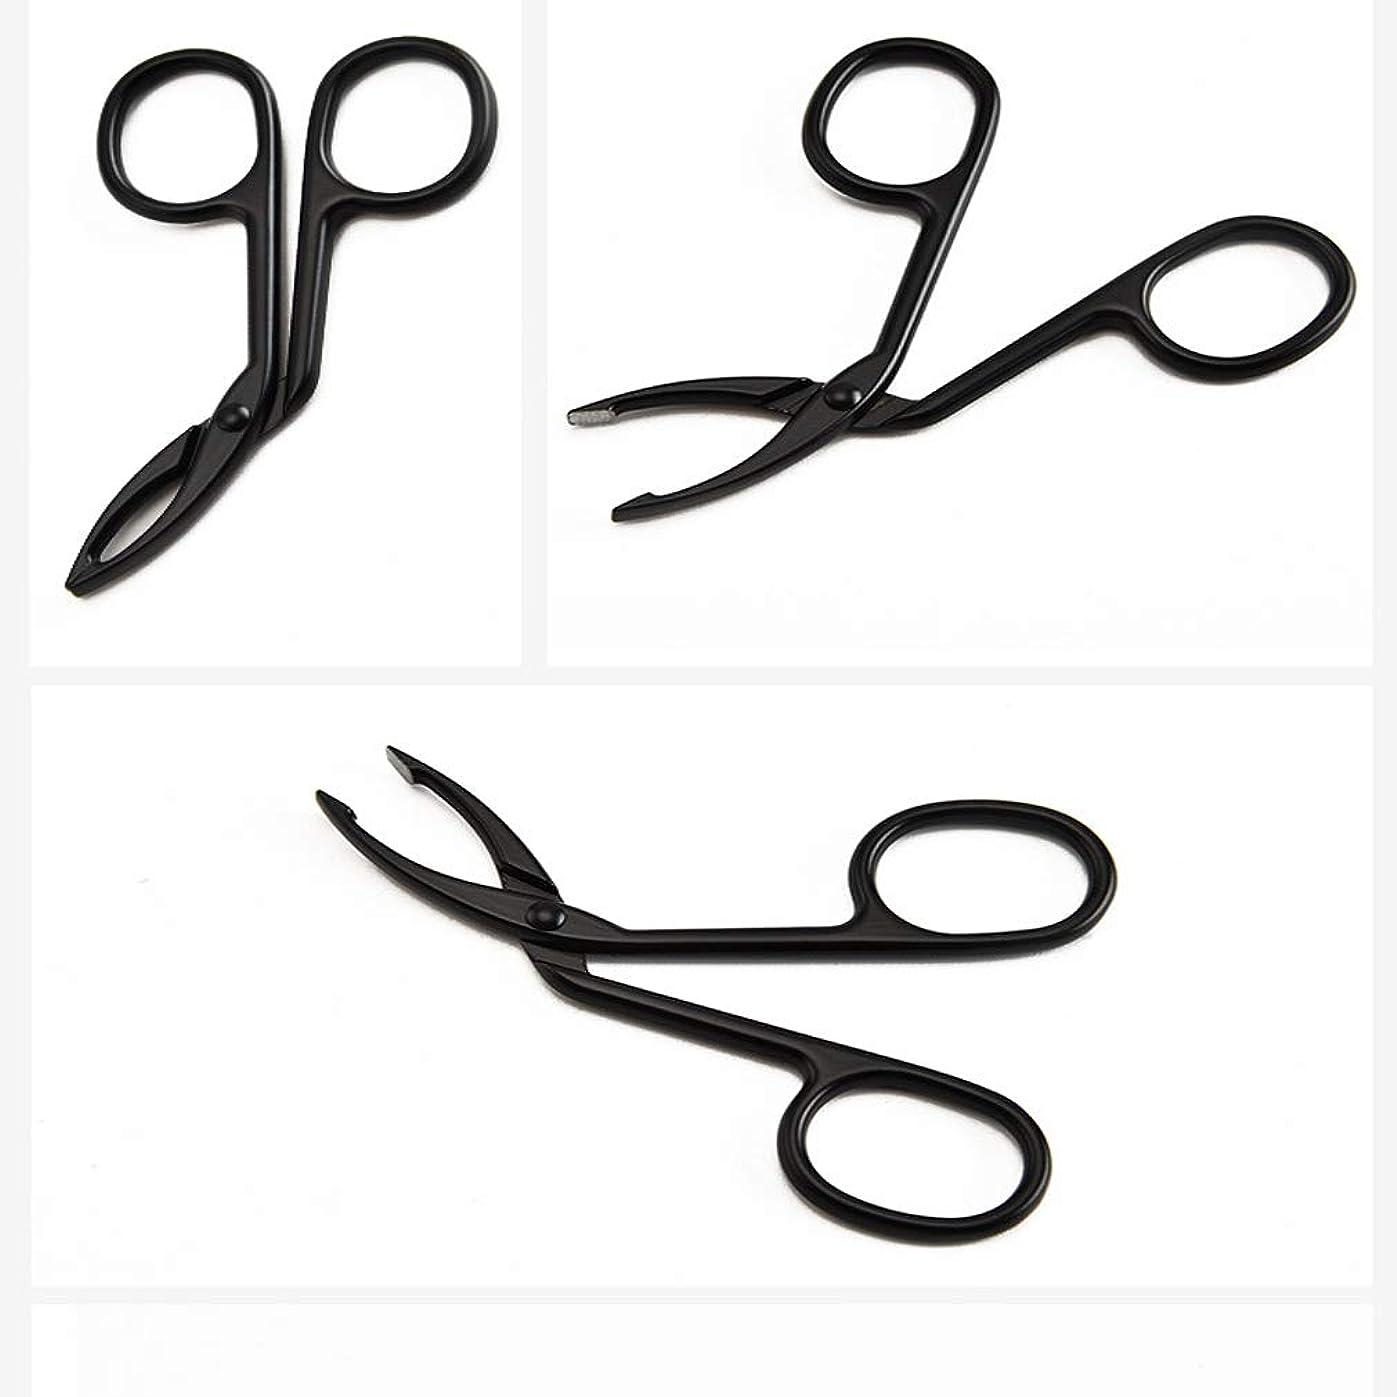 セマフォ帝国エンゲージメントLUXWELL(ラクスウェル)眉毛ピンセットアイブロウ ピンセットクリップ 毛抜き まゆ毛ピンセット 人気の 化粧工具 クリップ